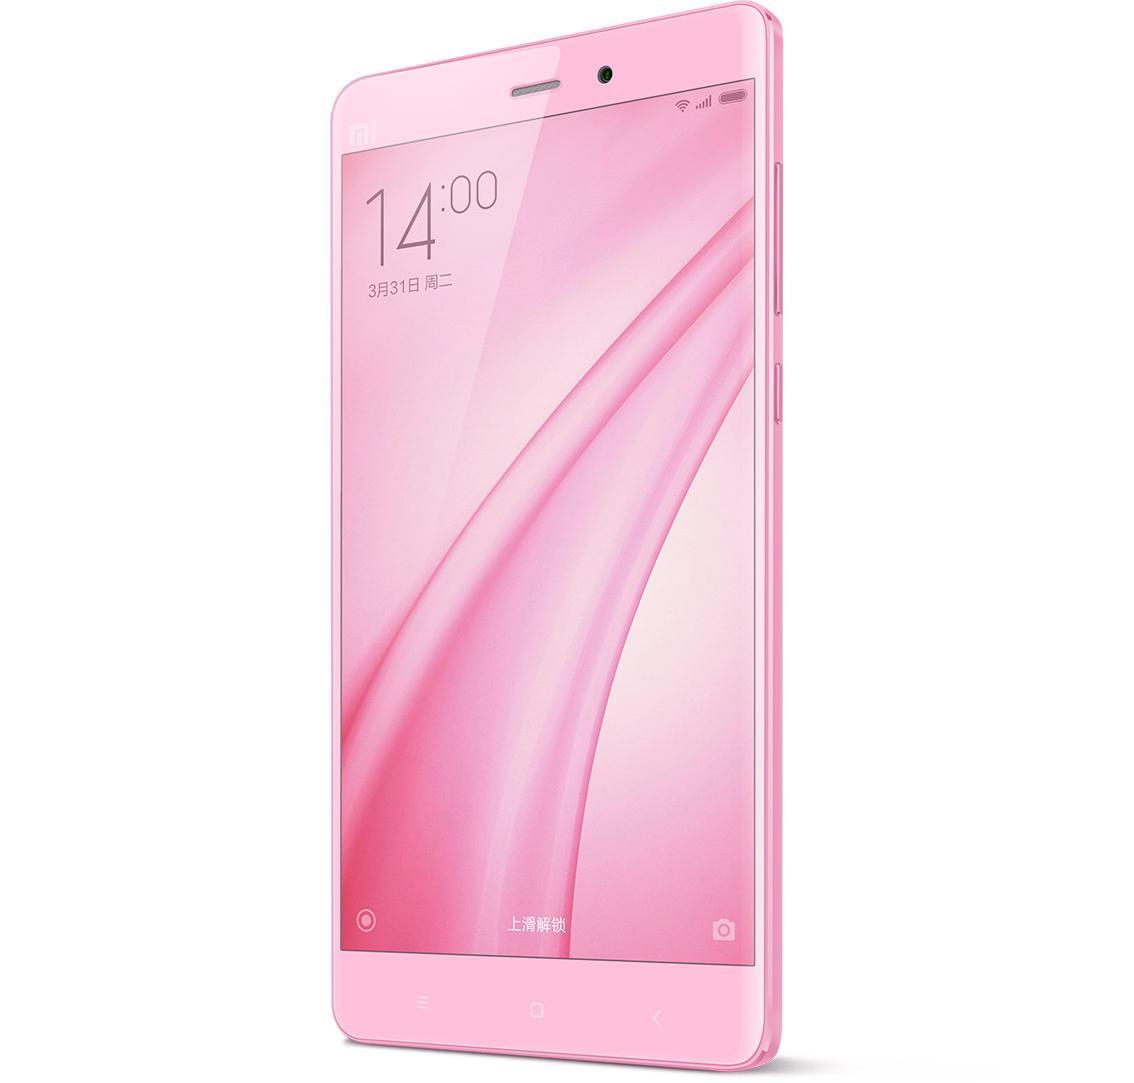 小米note 女神版 移动联通双4g手机(粉色)